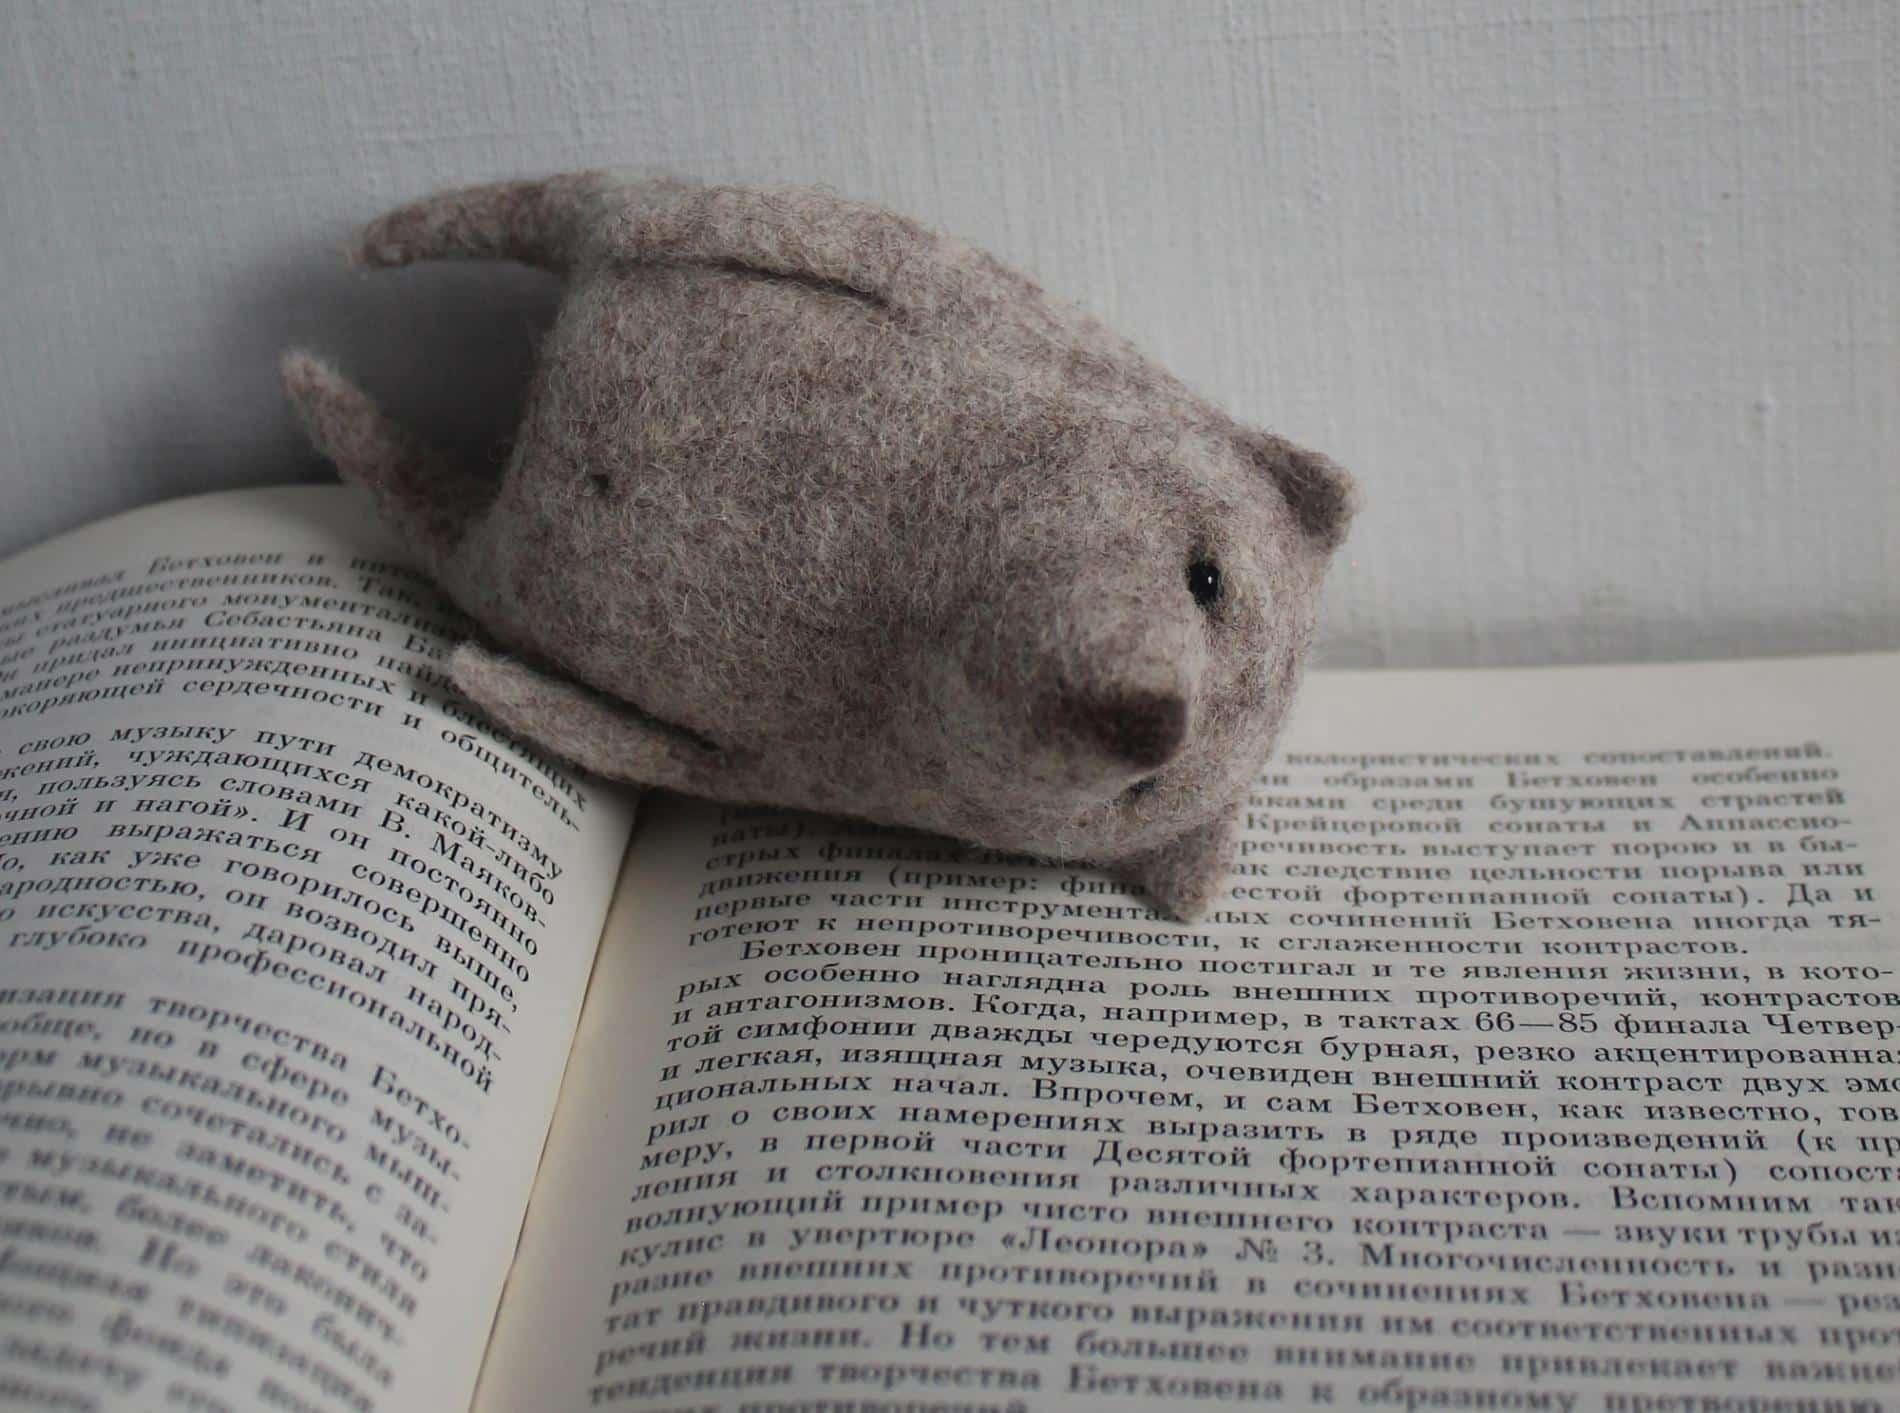 Natasya Shuljak miniaturas dormido